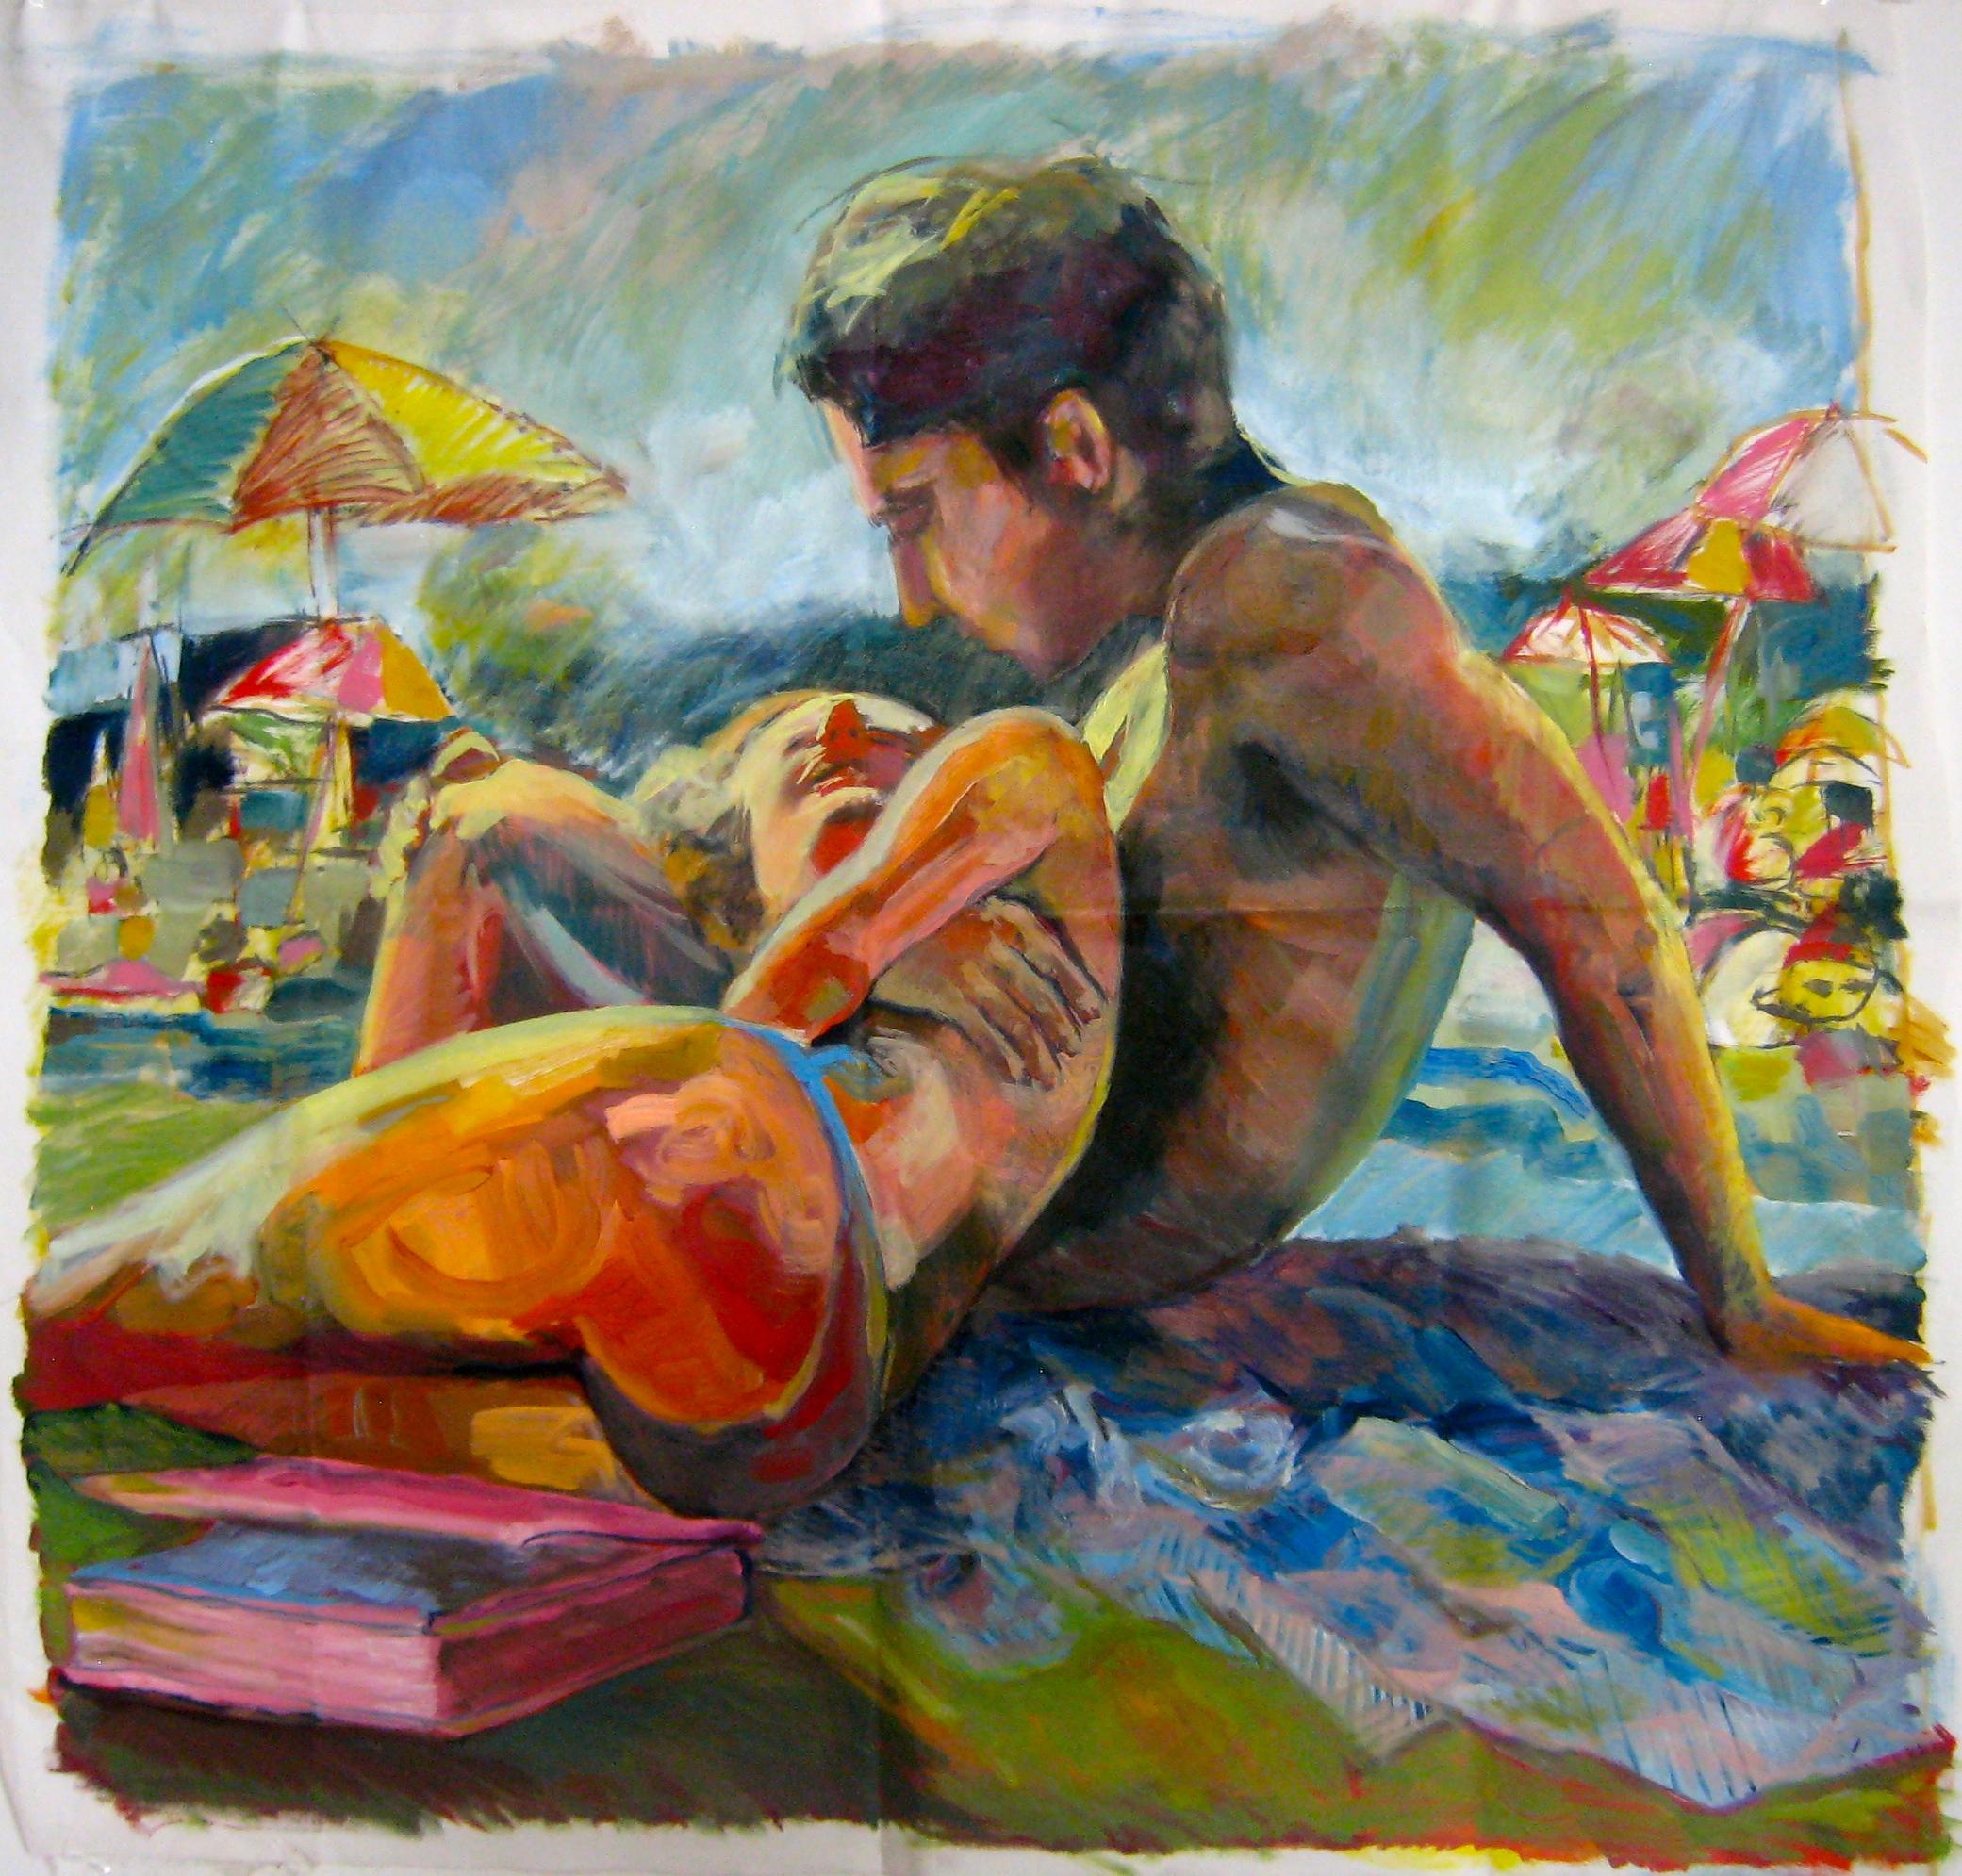 Caroline Absher, oil on canvas, 2014